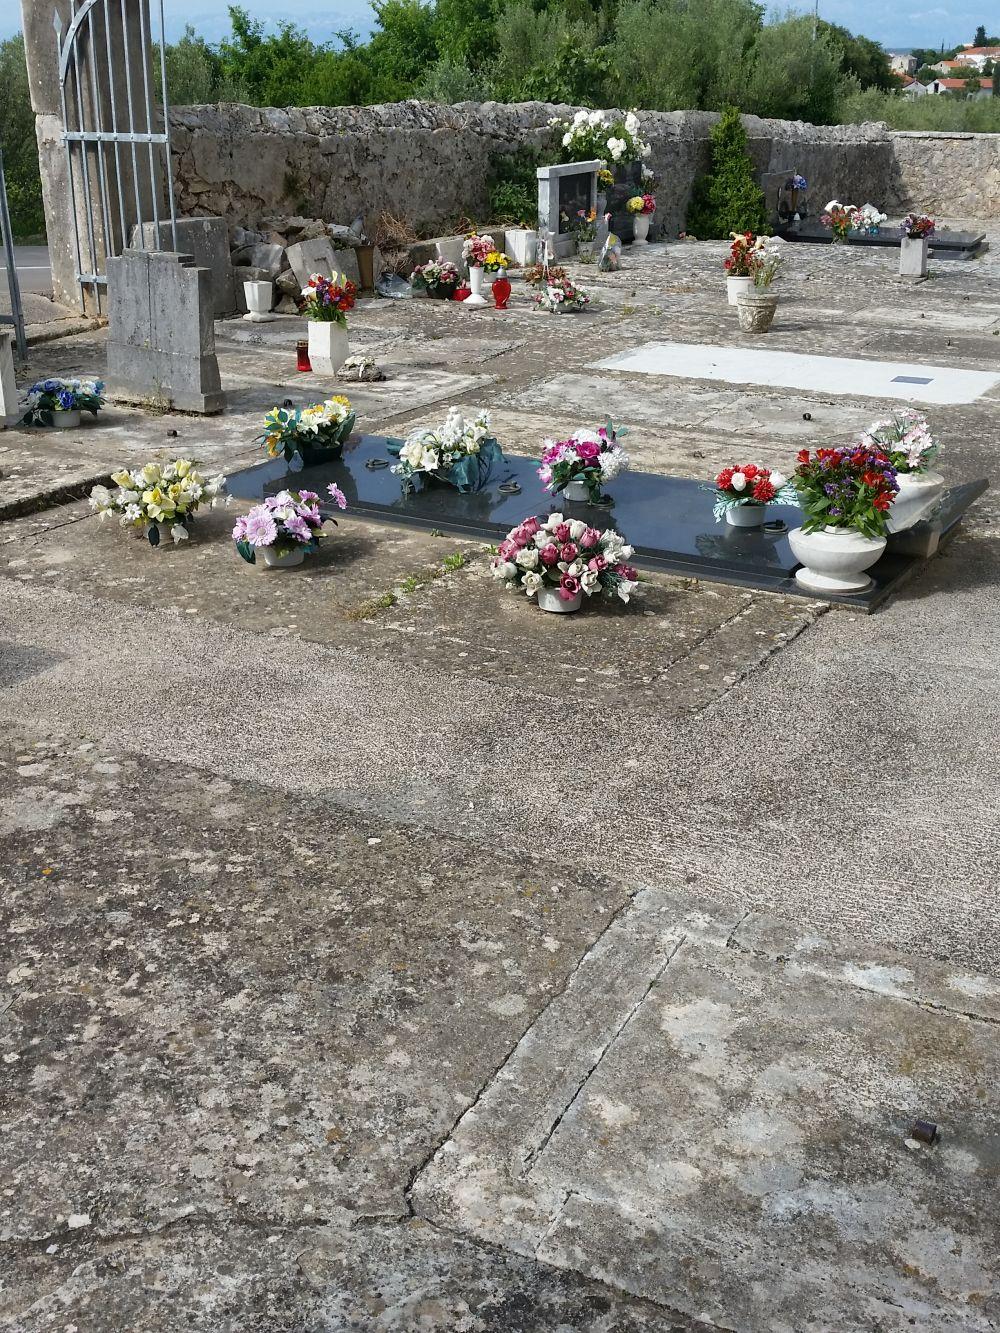 Friedhof auf Ugljan - mit pflegeleichten Steinplatten und Stoffblumen